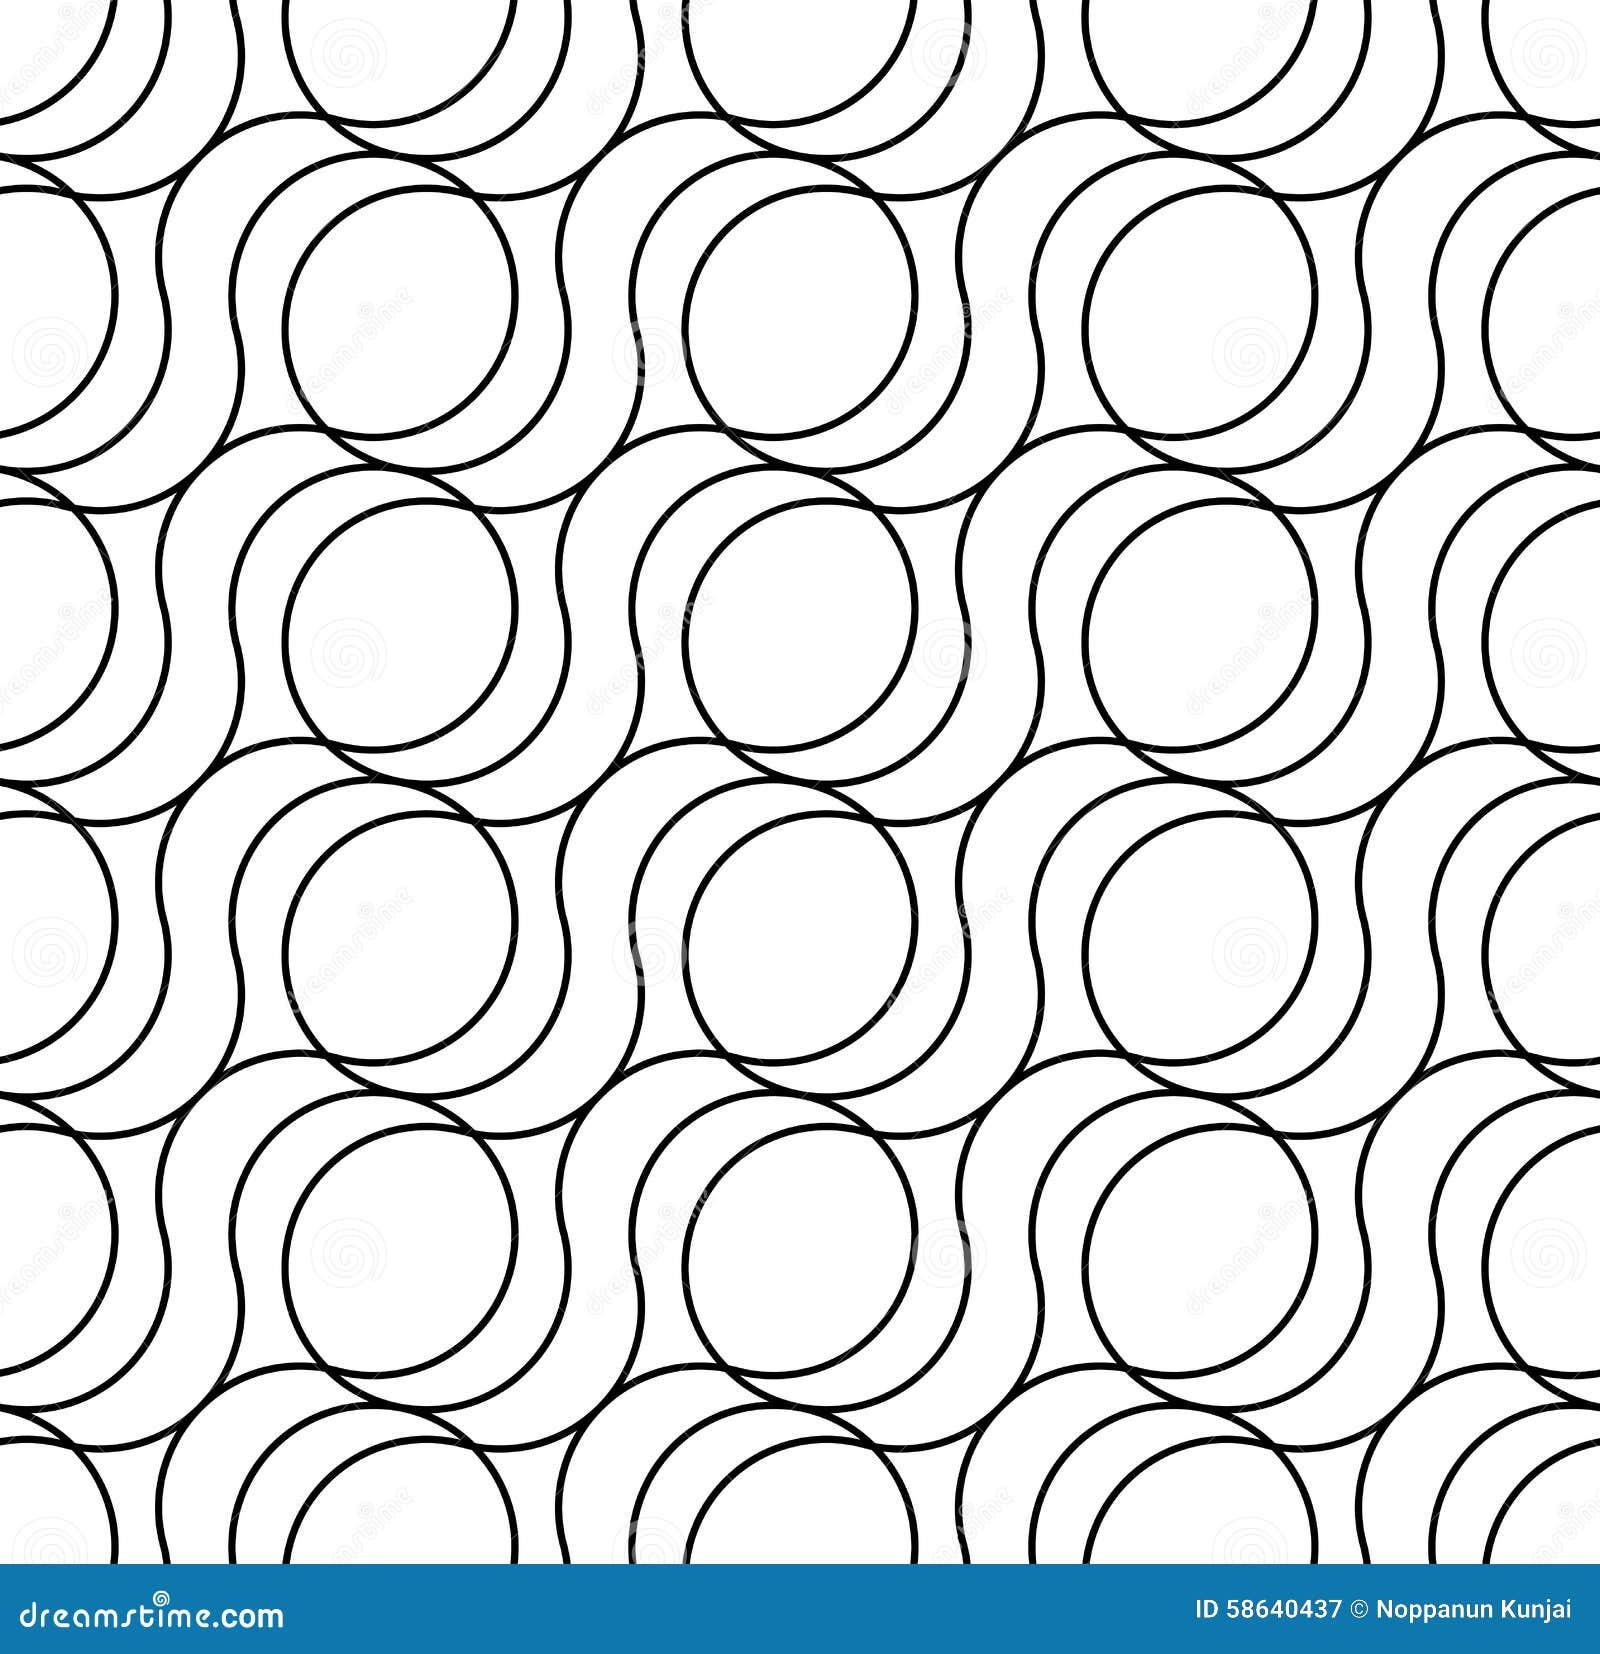 Modello senza cuciture geometrico in bianco e nero, fondo astratto